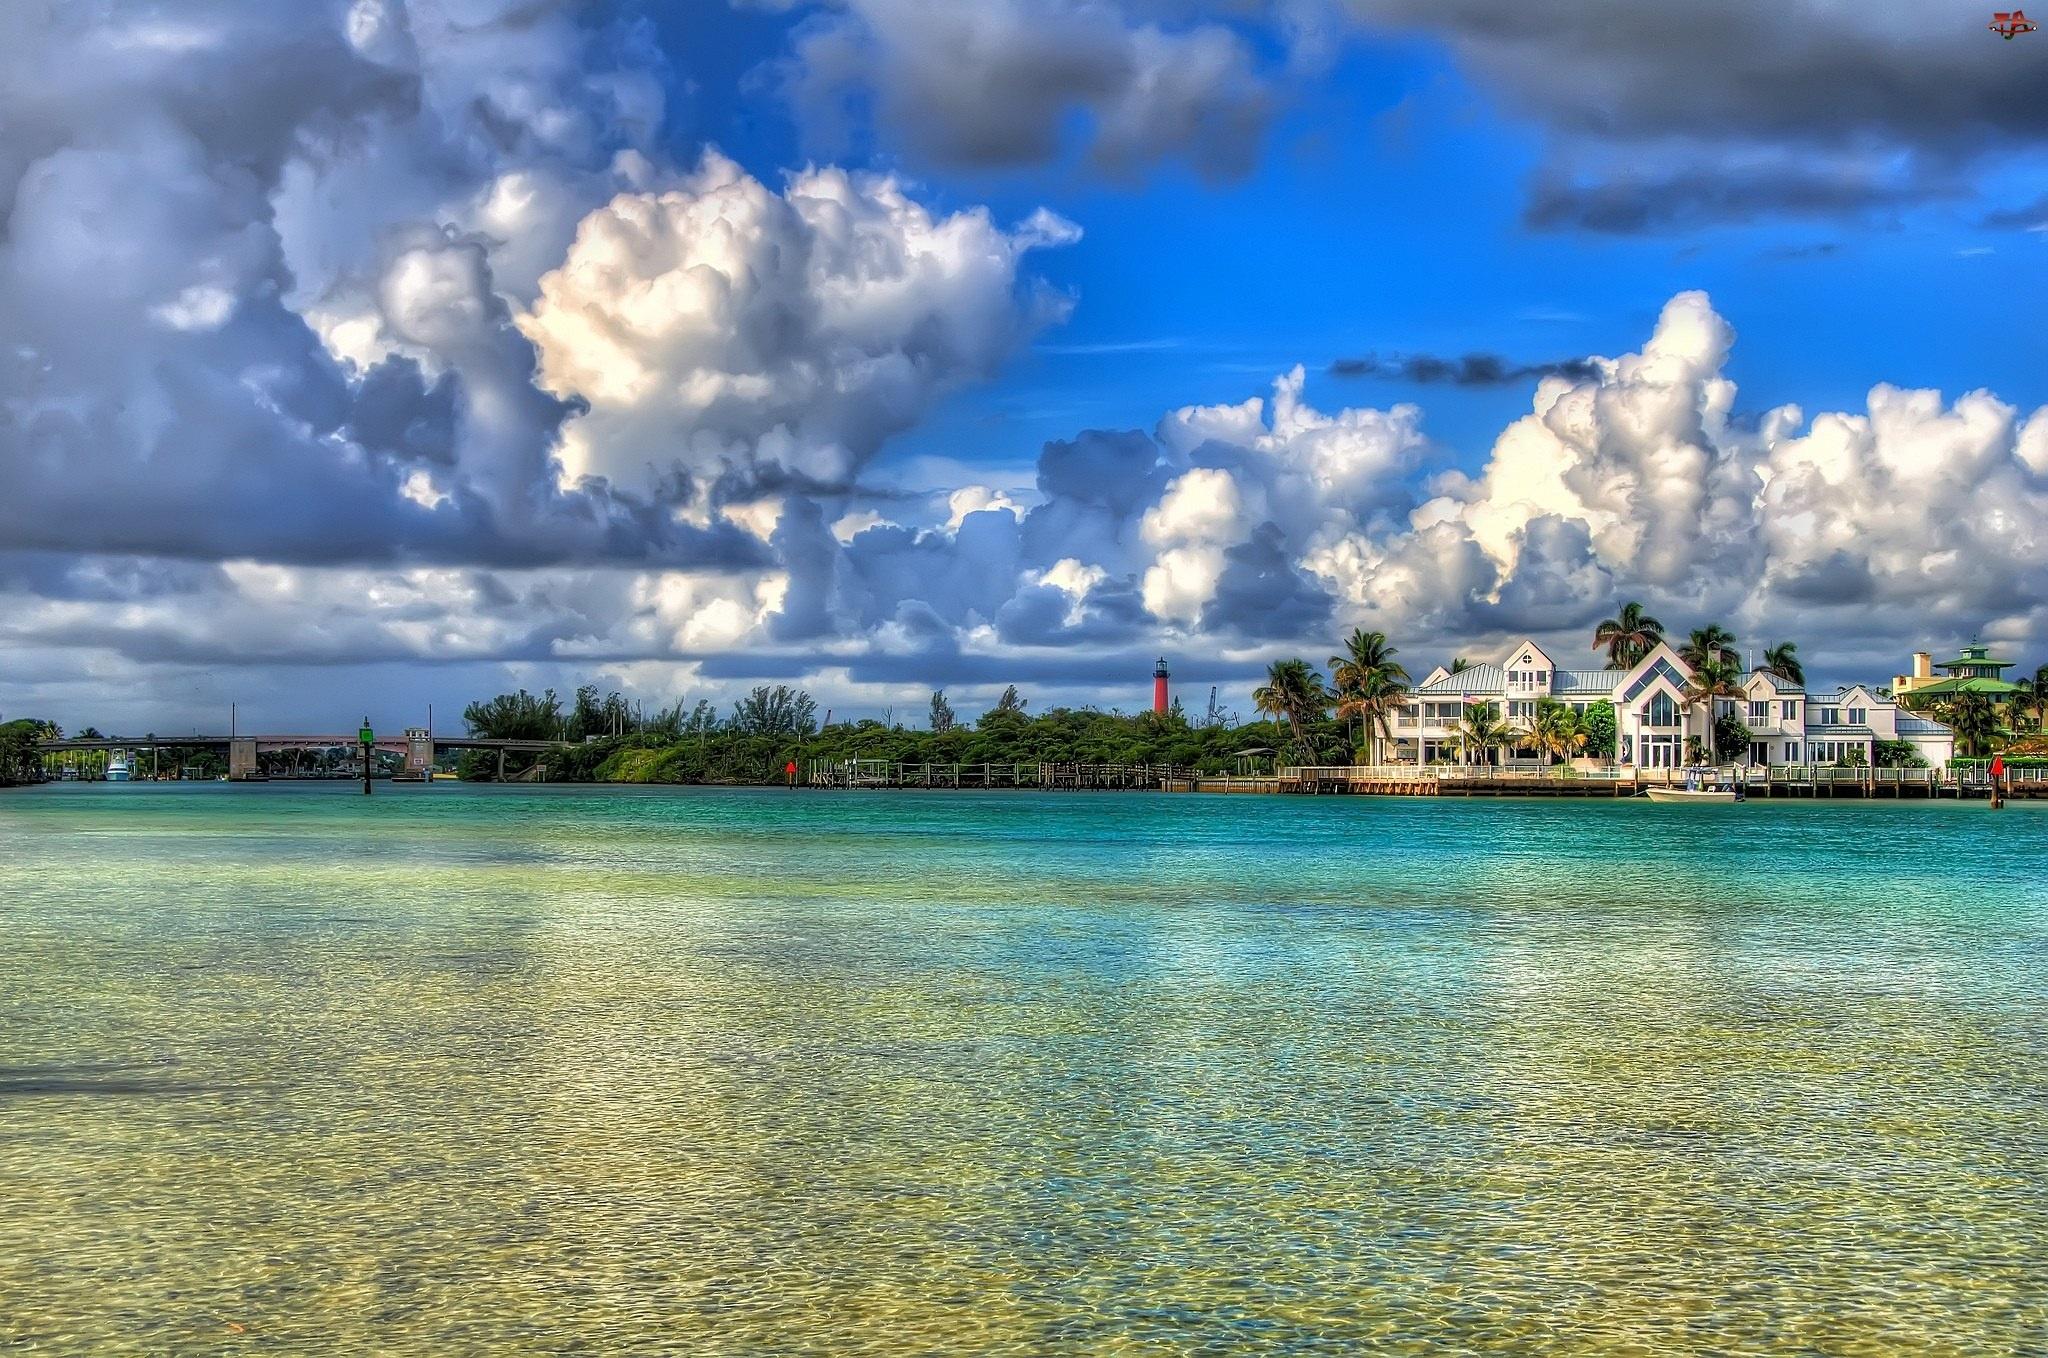 Rzeka, Floryda, Chmury, Dom